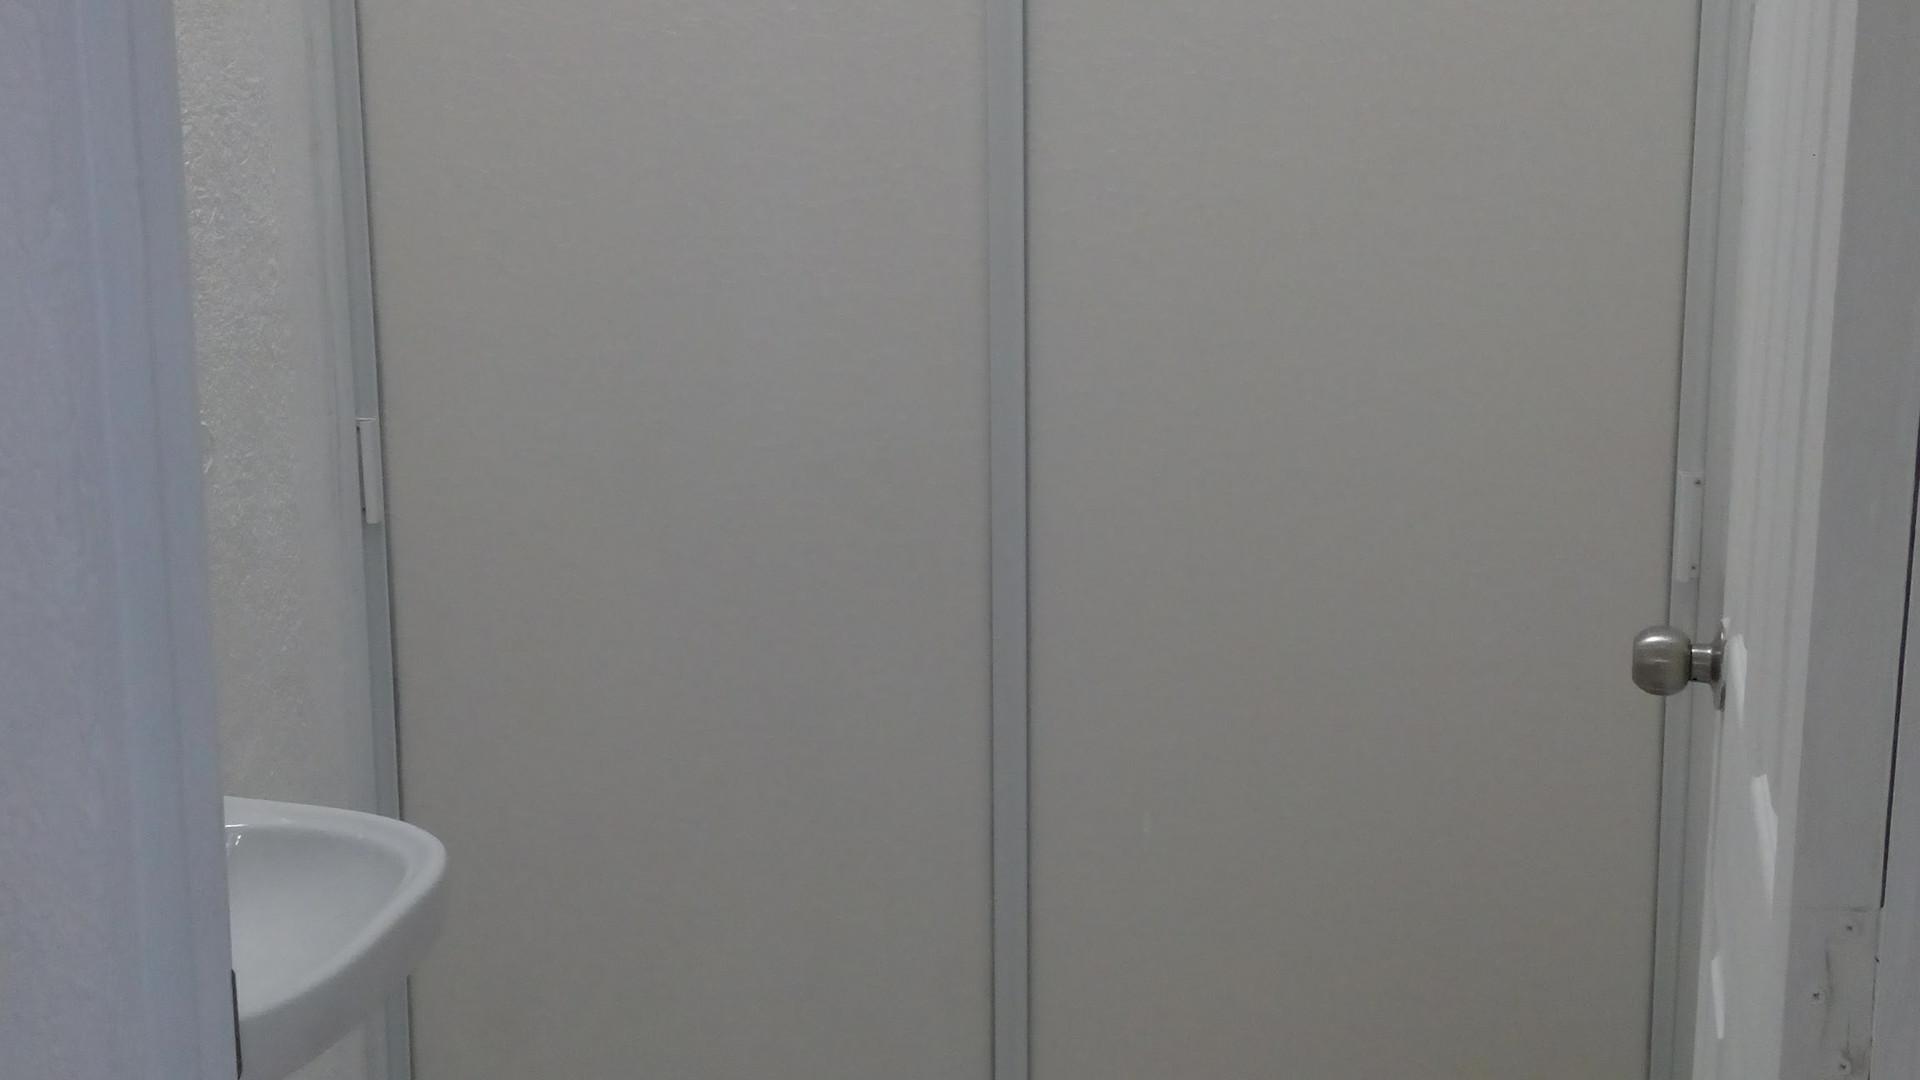 ~ Casa con 2 habitaciones ~ Alcoba Principal con terraza ~ Closets ~ Pisos cerámicos con tapete cerámico en sala comedor  ~ Garaje y patio techado ~ Cocina ~ Centro de entretenimiento de cemento ~ Baño completo con cancel y medio baño en parte baja ~ Persianas y mosquiteros ~ Casa amueblada a 3 pasos de la piscina